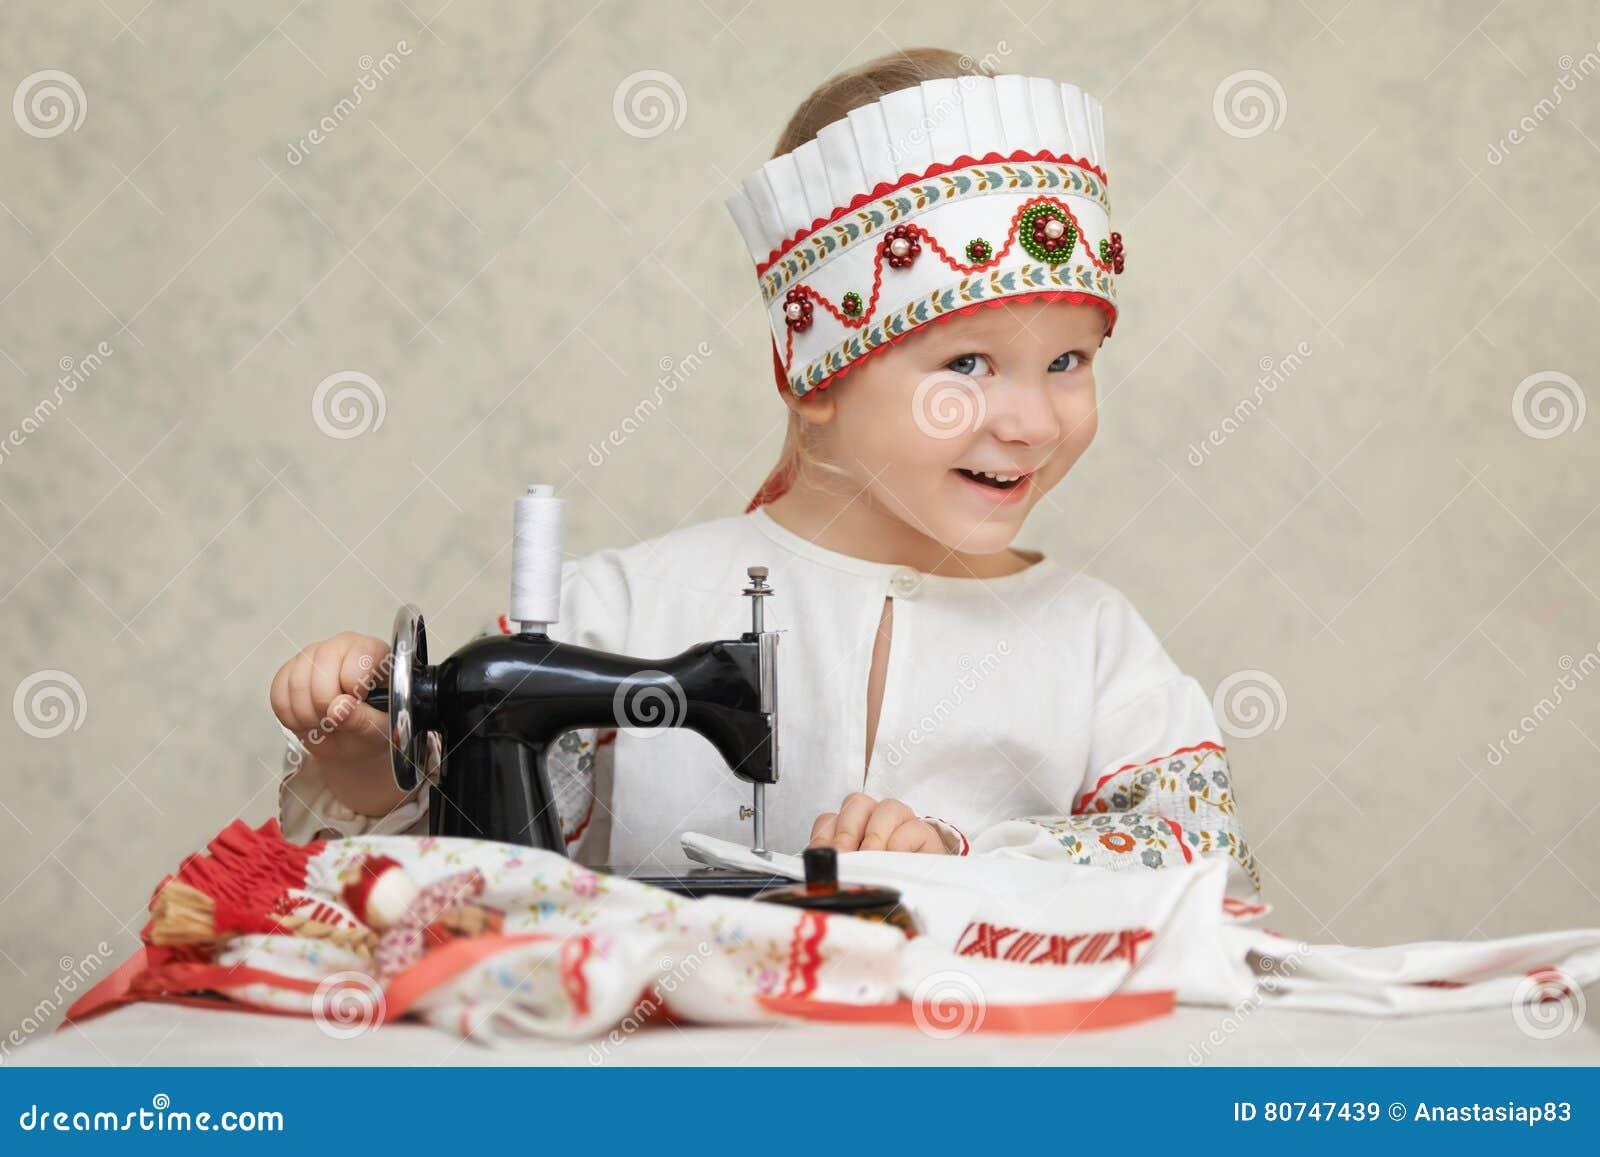 Liten flicka i den traditionella ryssskjortan och kokoshnik på processen av sömnaden